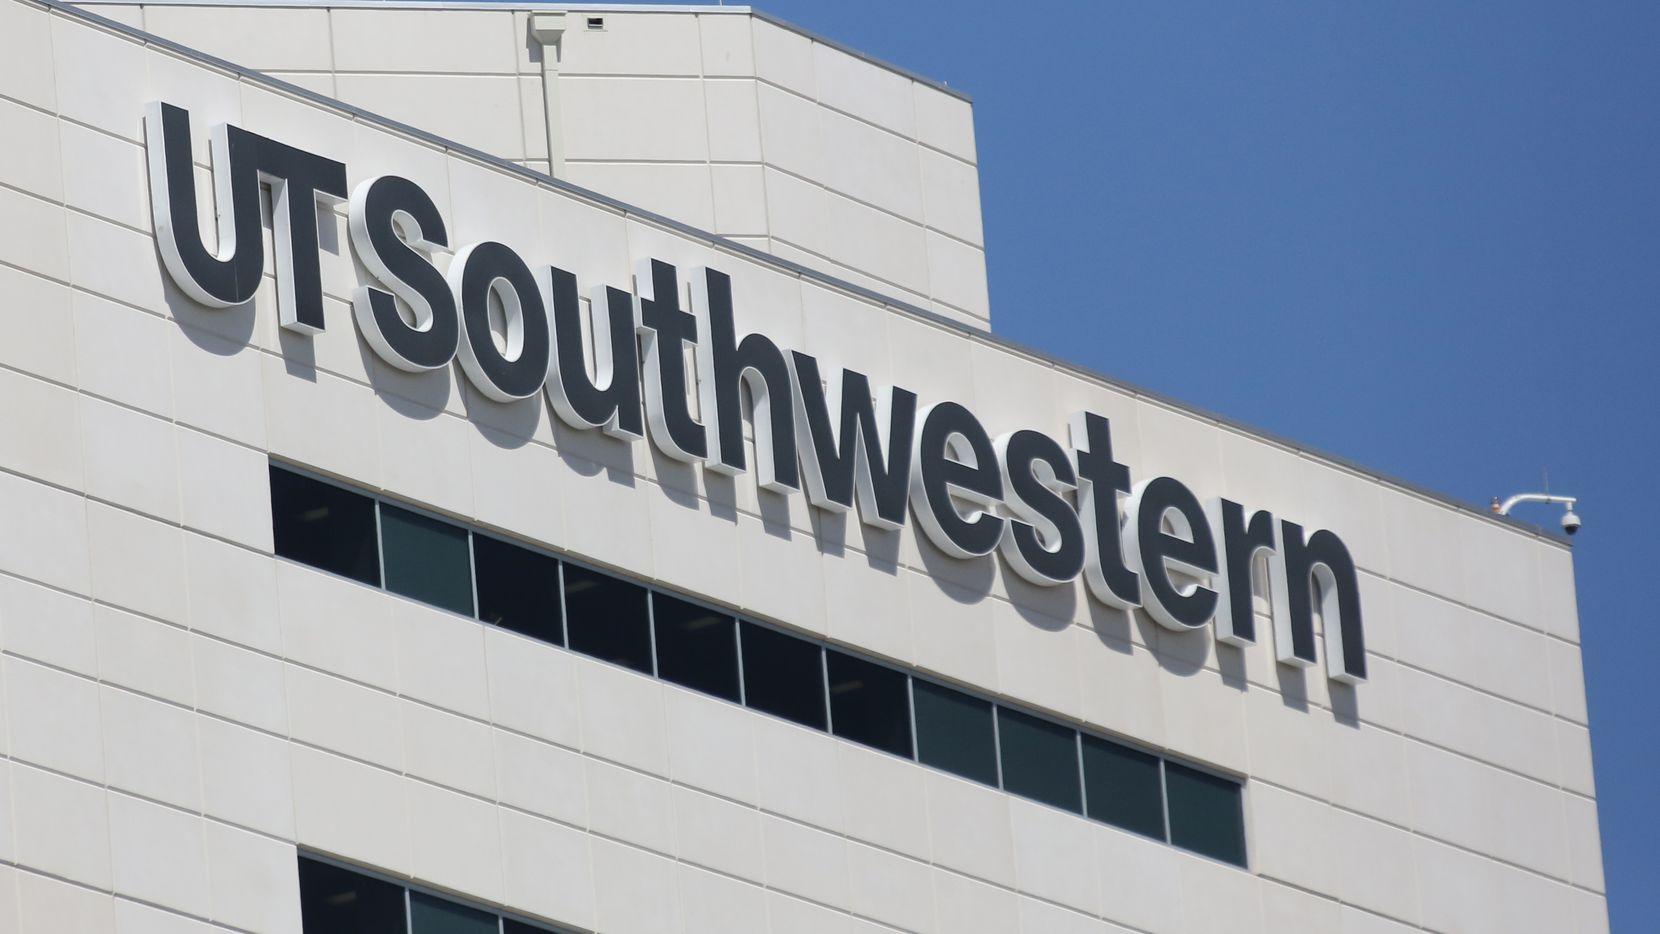 Un ambulancia fue robada la noche del martes de UT Southwestern Medical Center. El sospechoso fue detenido en la madrugada. DMN